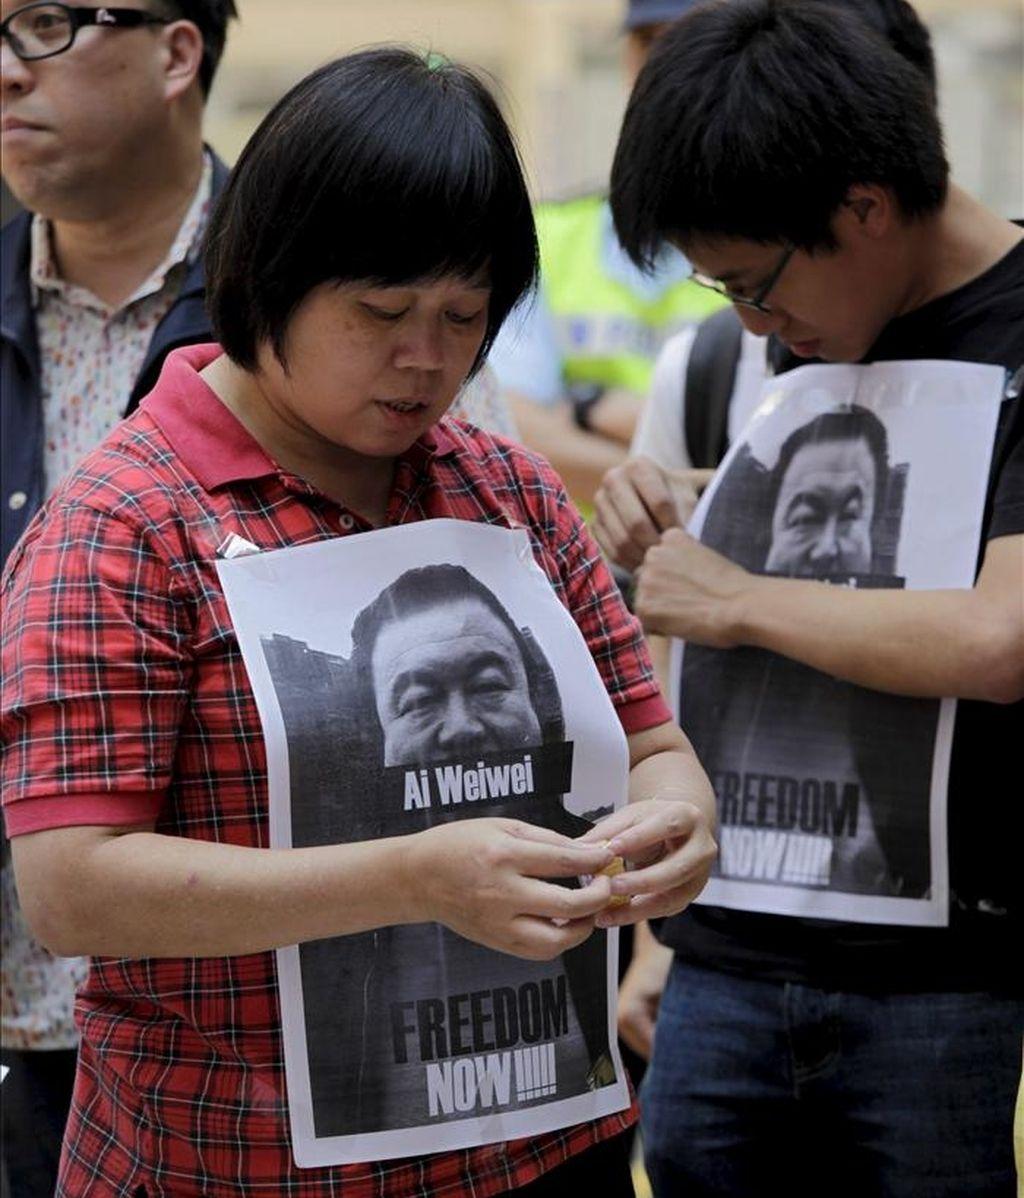 Manifestantes protestan a favor de la democracia en China mientras muestran una fotografía del activista chino Ai Weiwei durante una manifestación a favor de la liberación de Weiwei en Hong Kong (China) ayer, 10 de abril de 2011. EFE